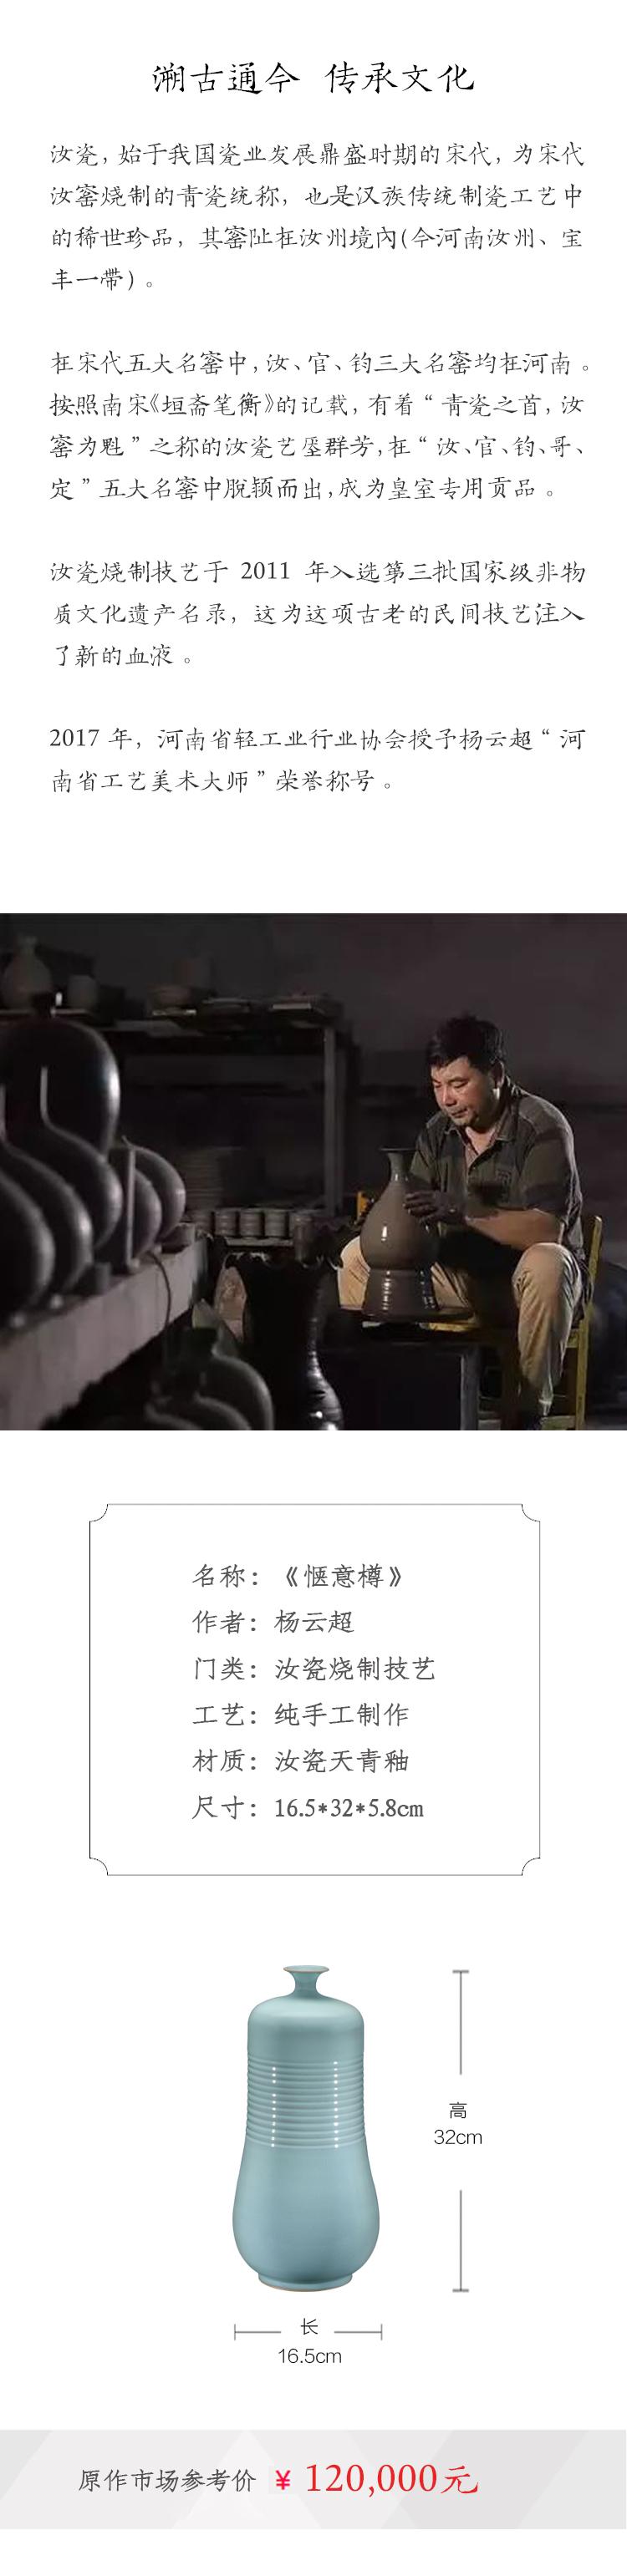 杨云超《惬意樽》_03.jpg